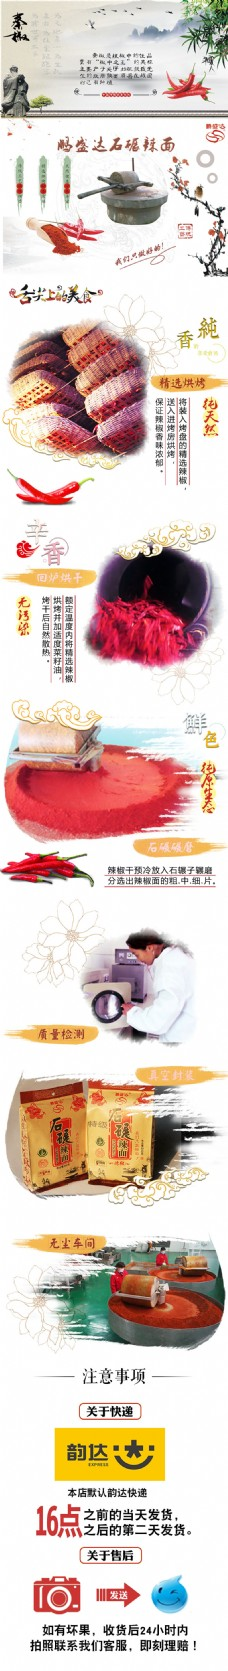 鹏盛达石碾辣面详情页